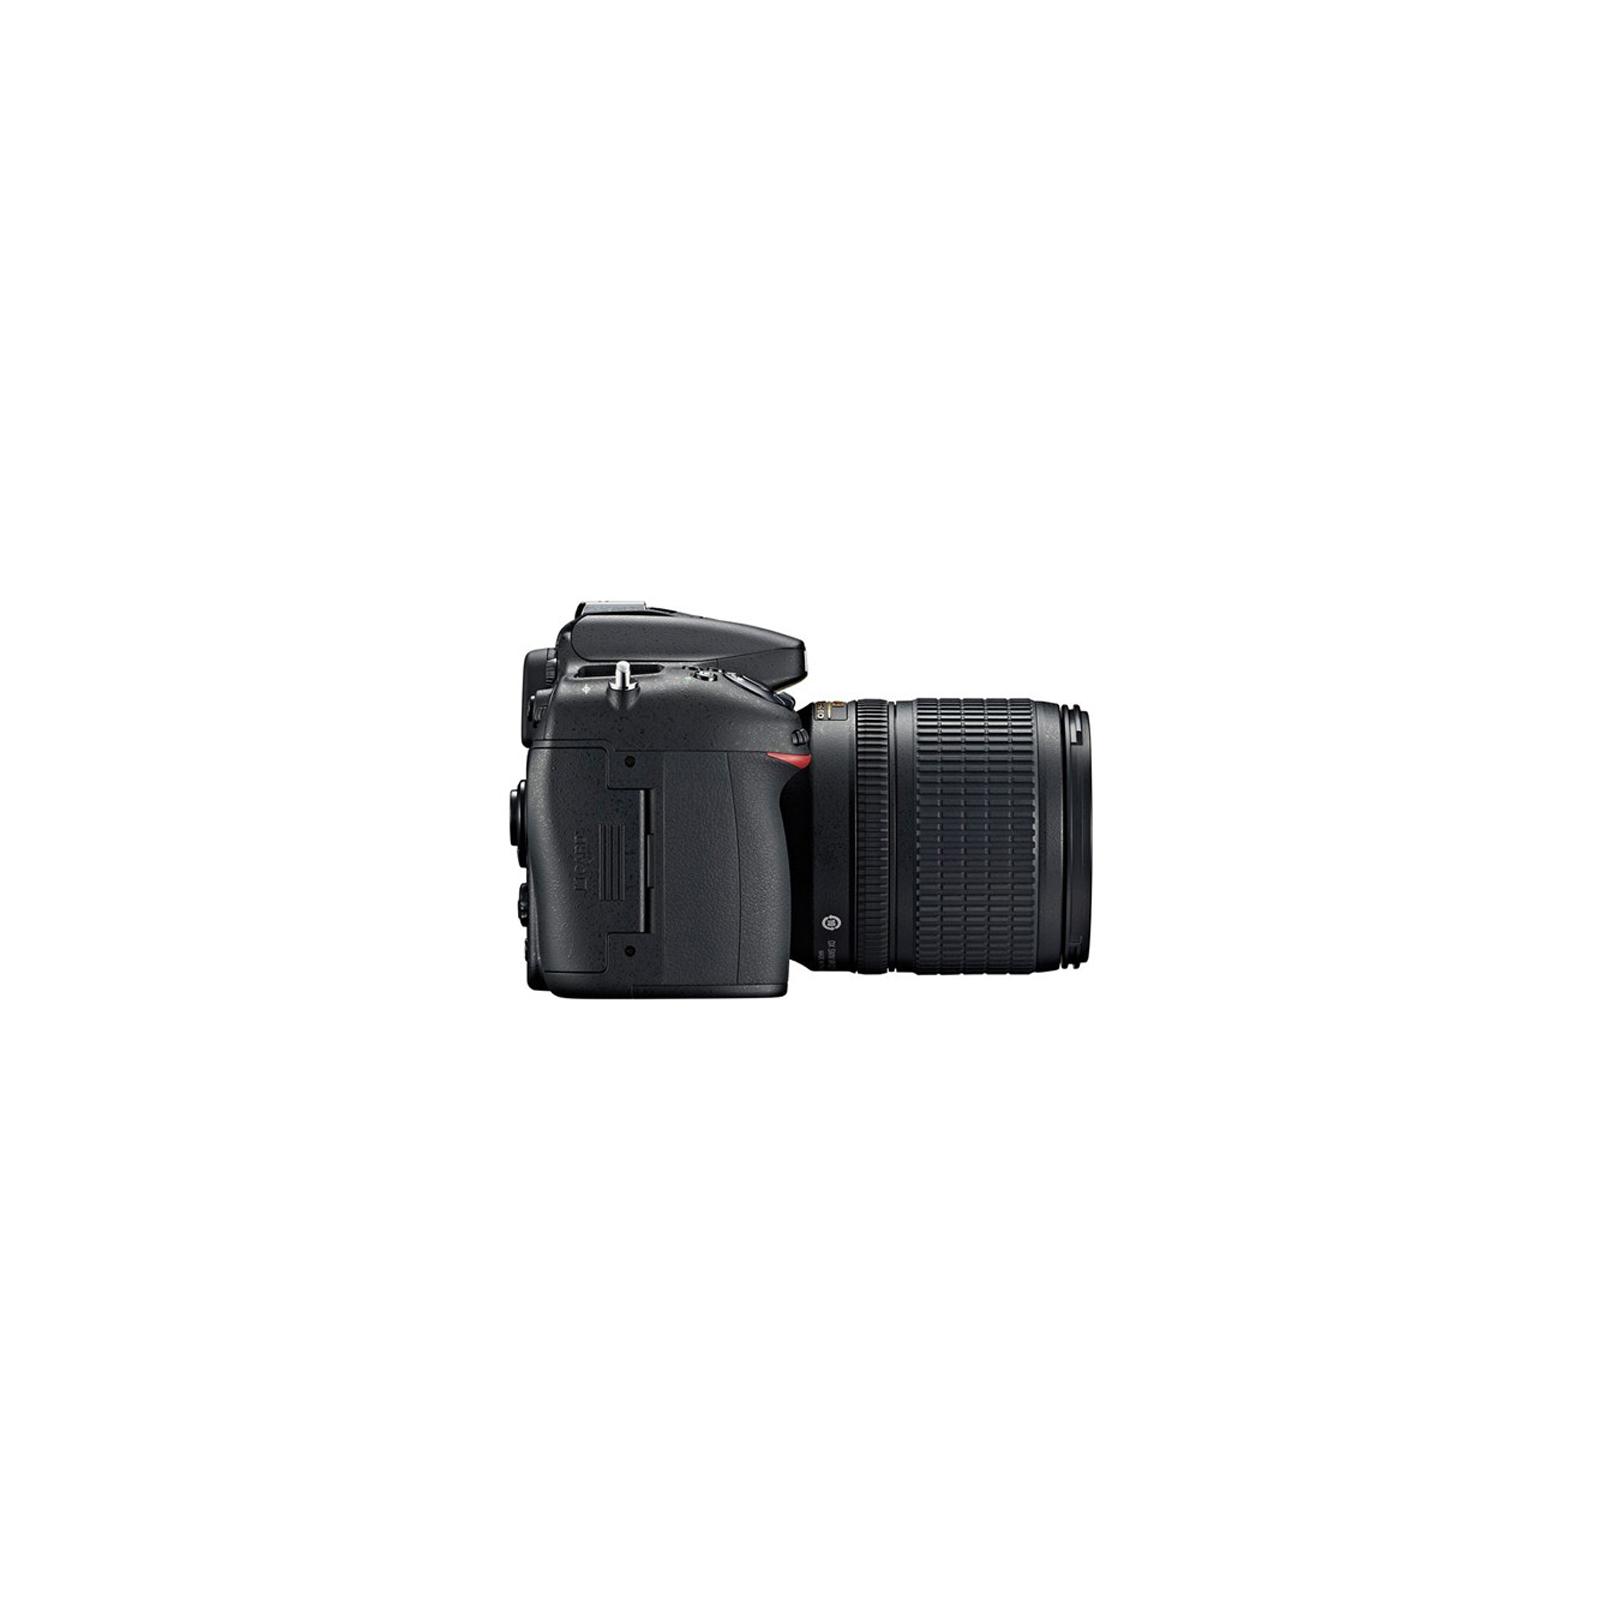 Цифровой фотоаппарат Nikon D7100 + 18-140VR (VBA360KV02) изображение 4